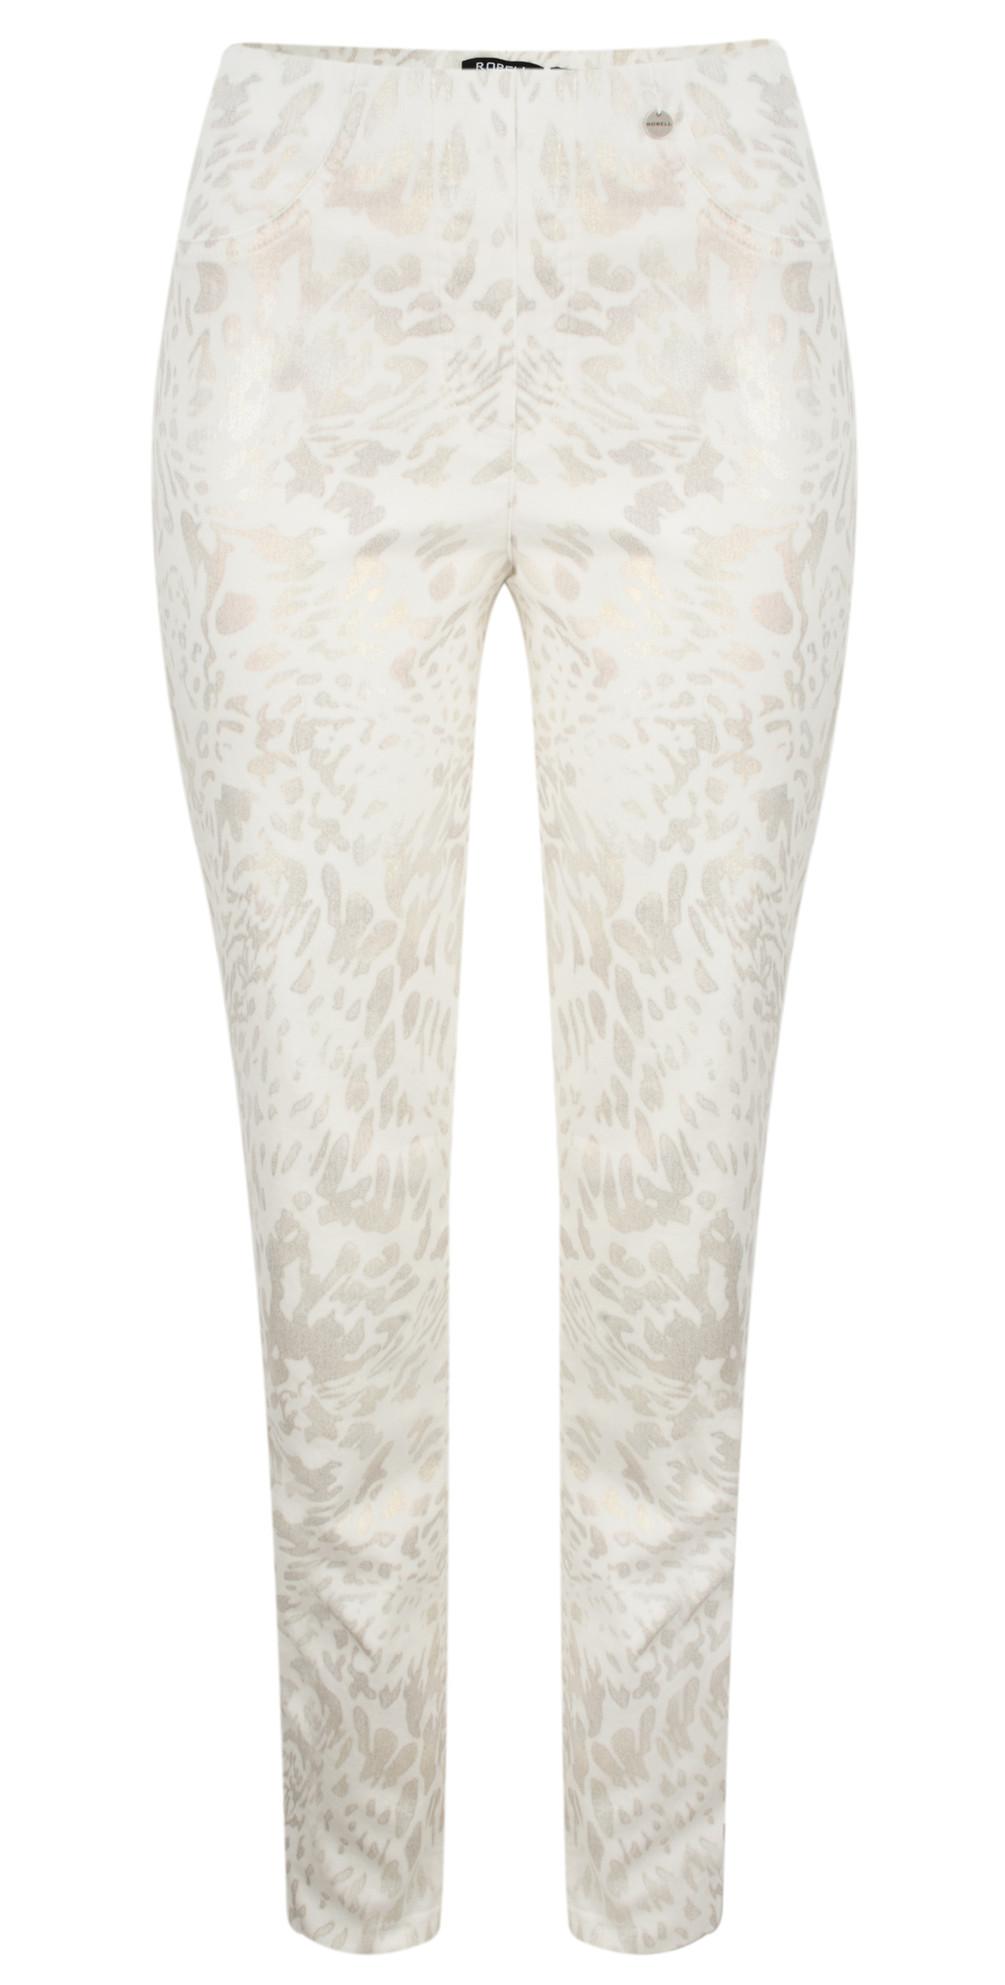 Bella Long Printed Trouser main image